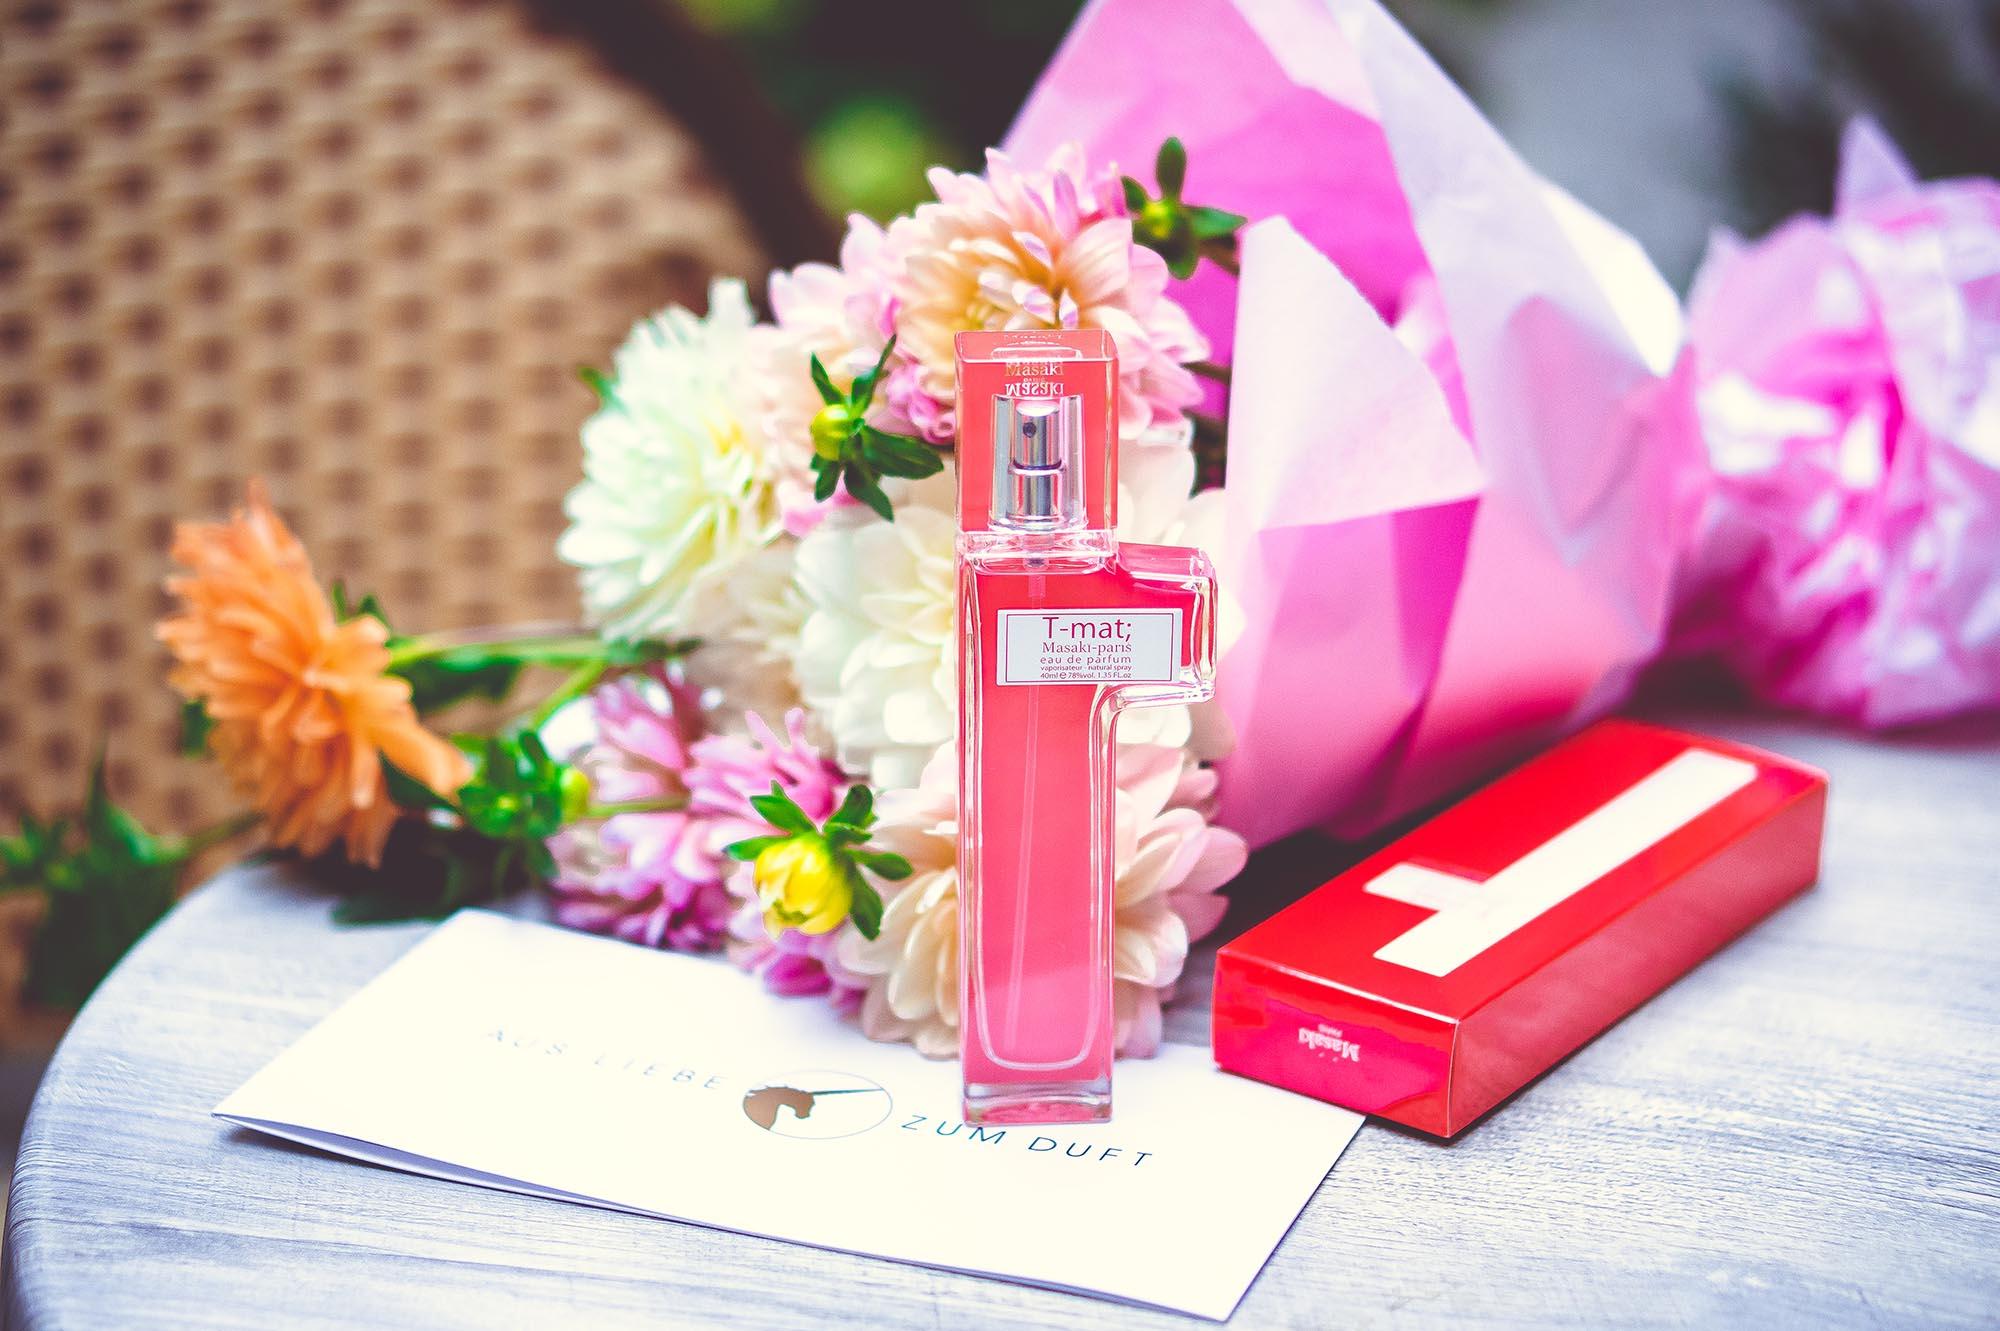 Masaki Matsushima T-mat; perfume fragrance duft Parfüm духи парфюм